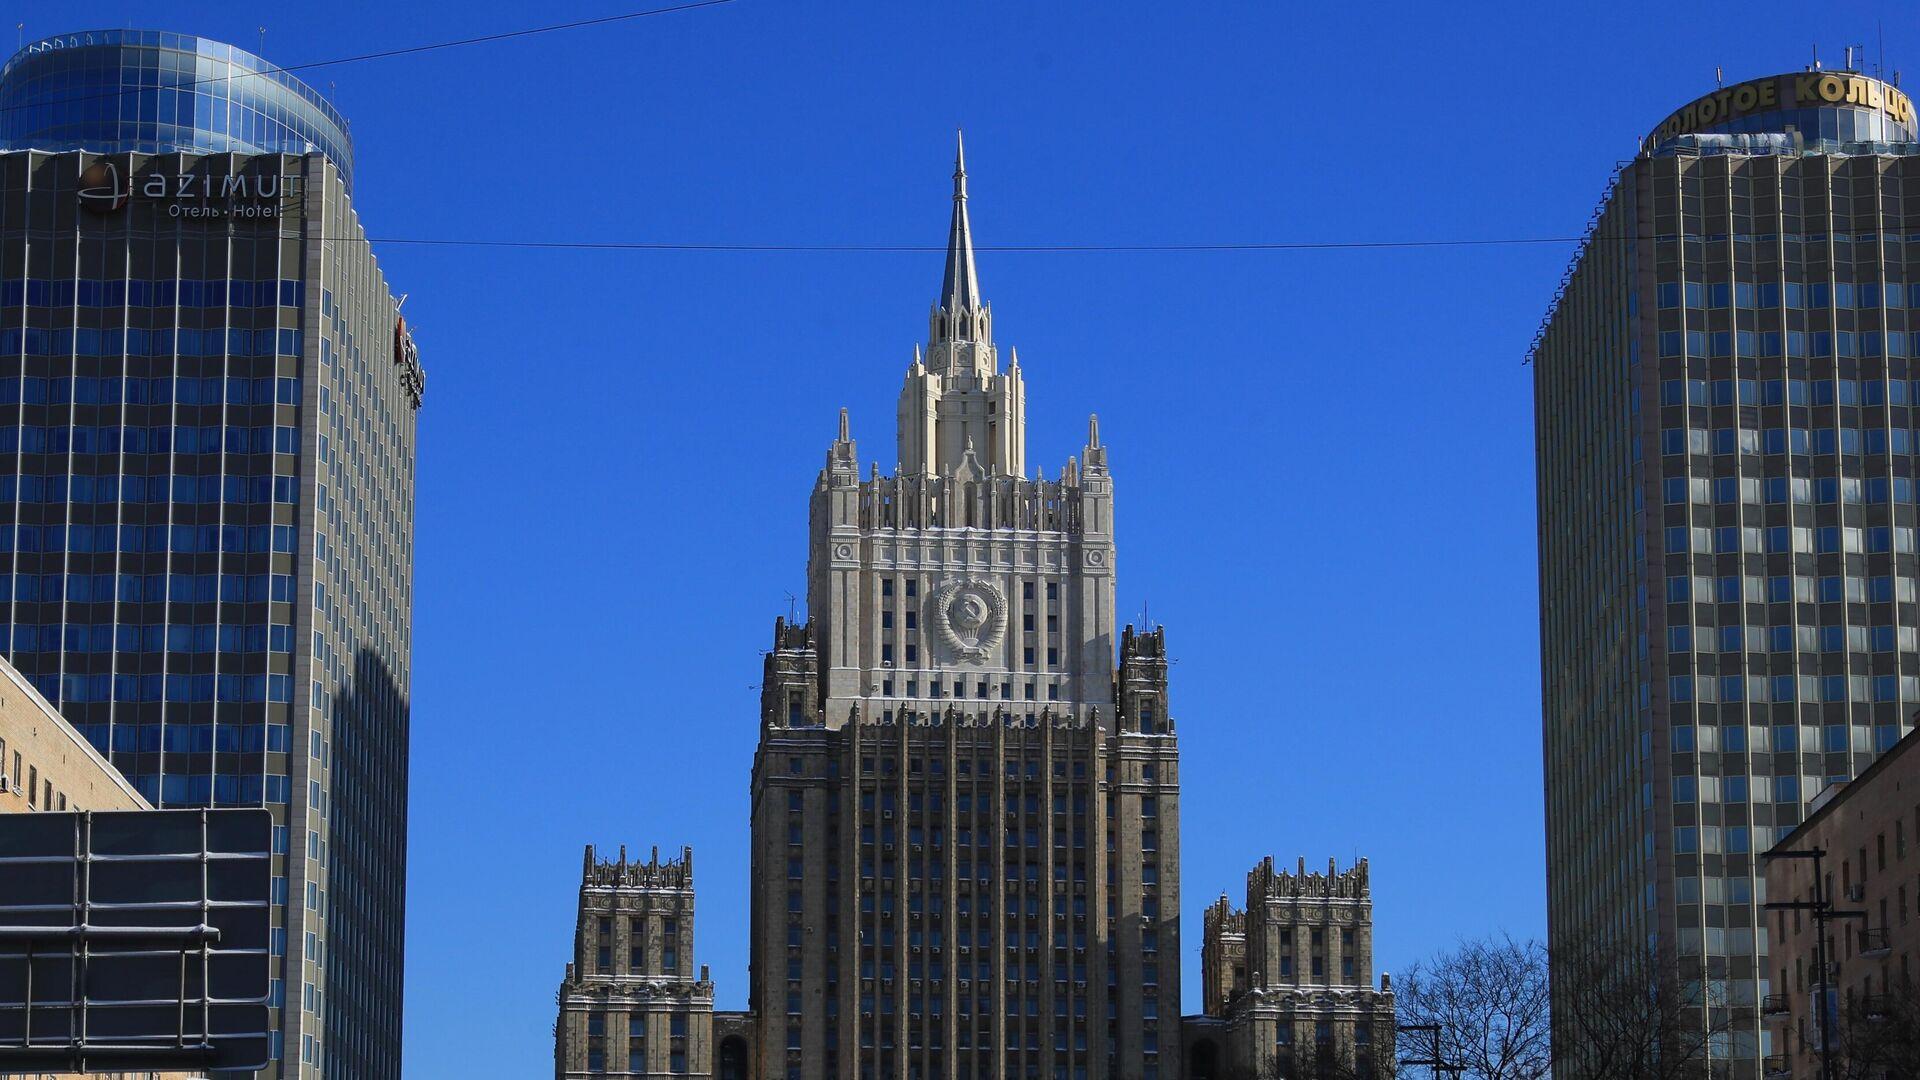 Здание Министерства иностранных дел РФ  - РИА Новости, 1920, 01.06.2021